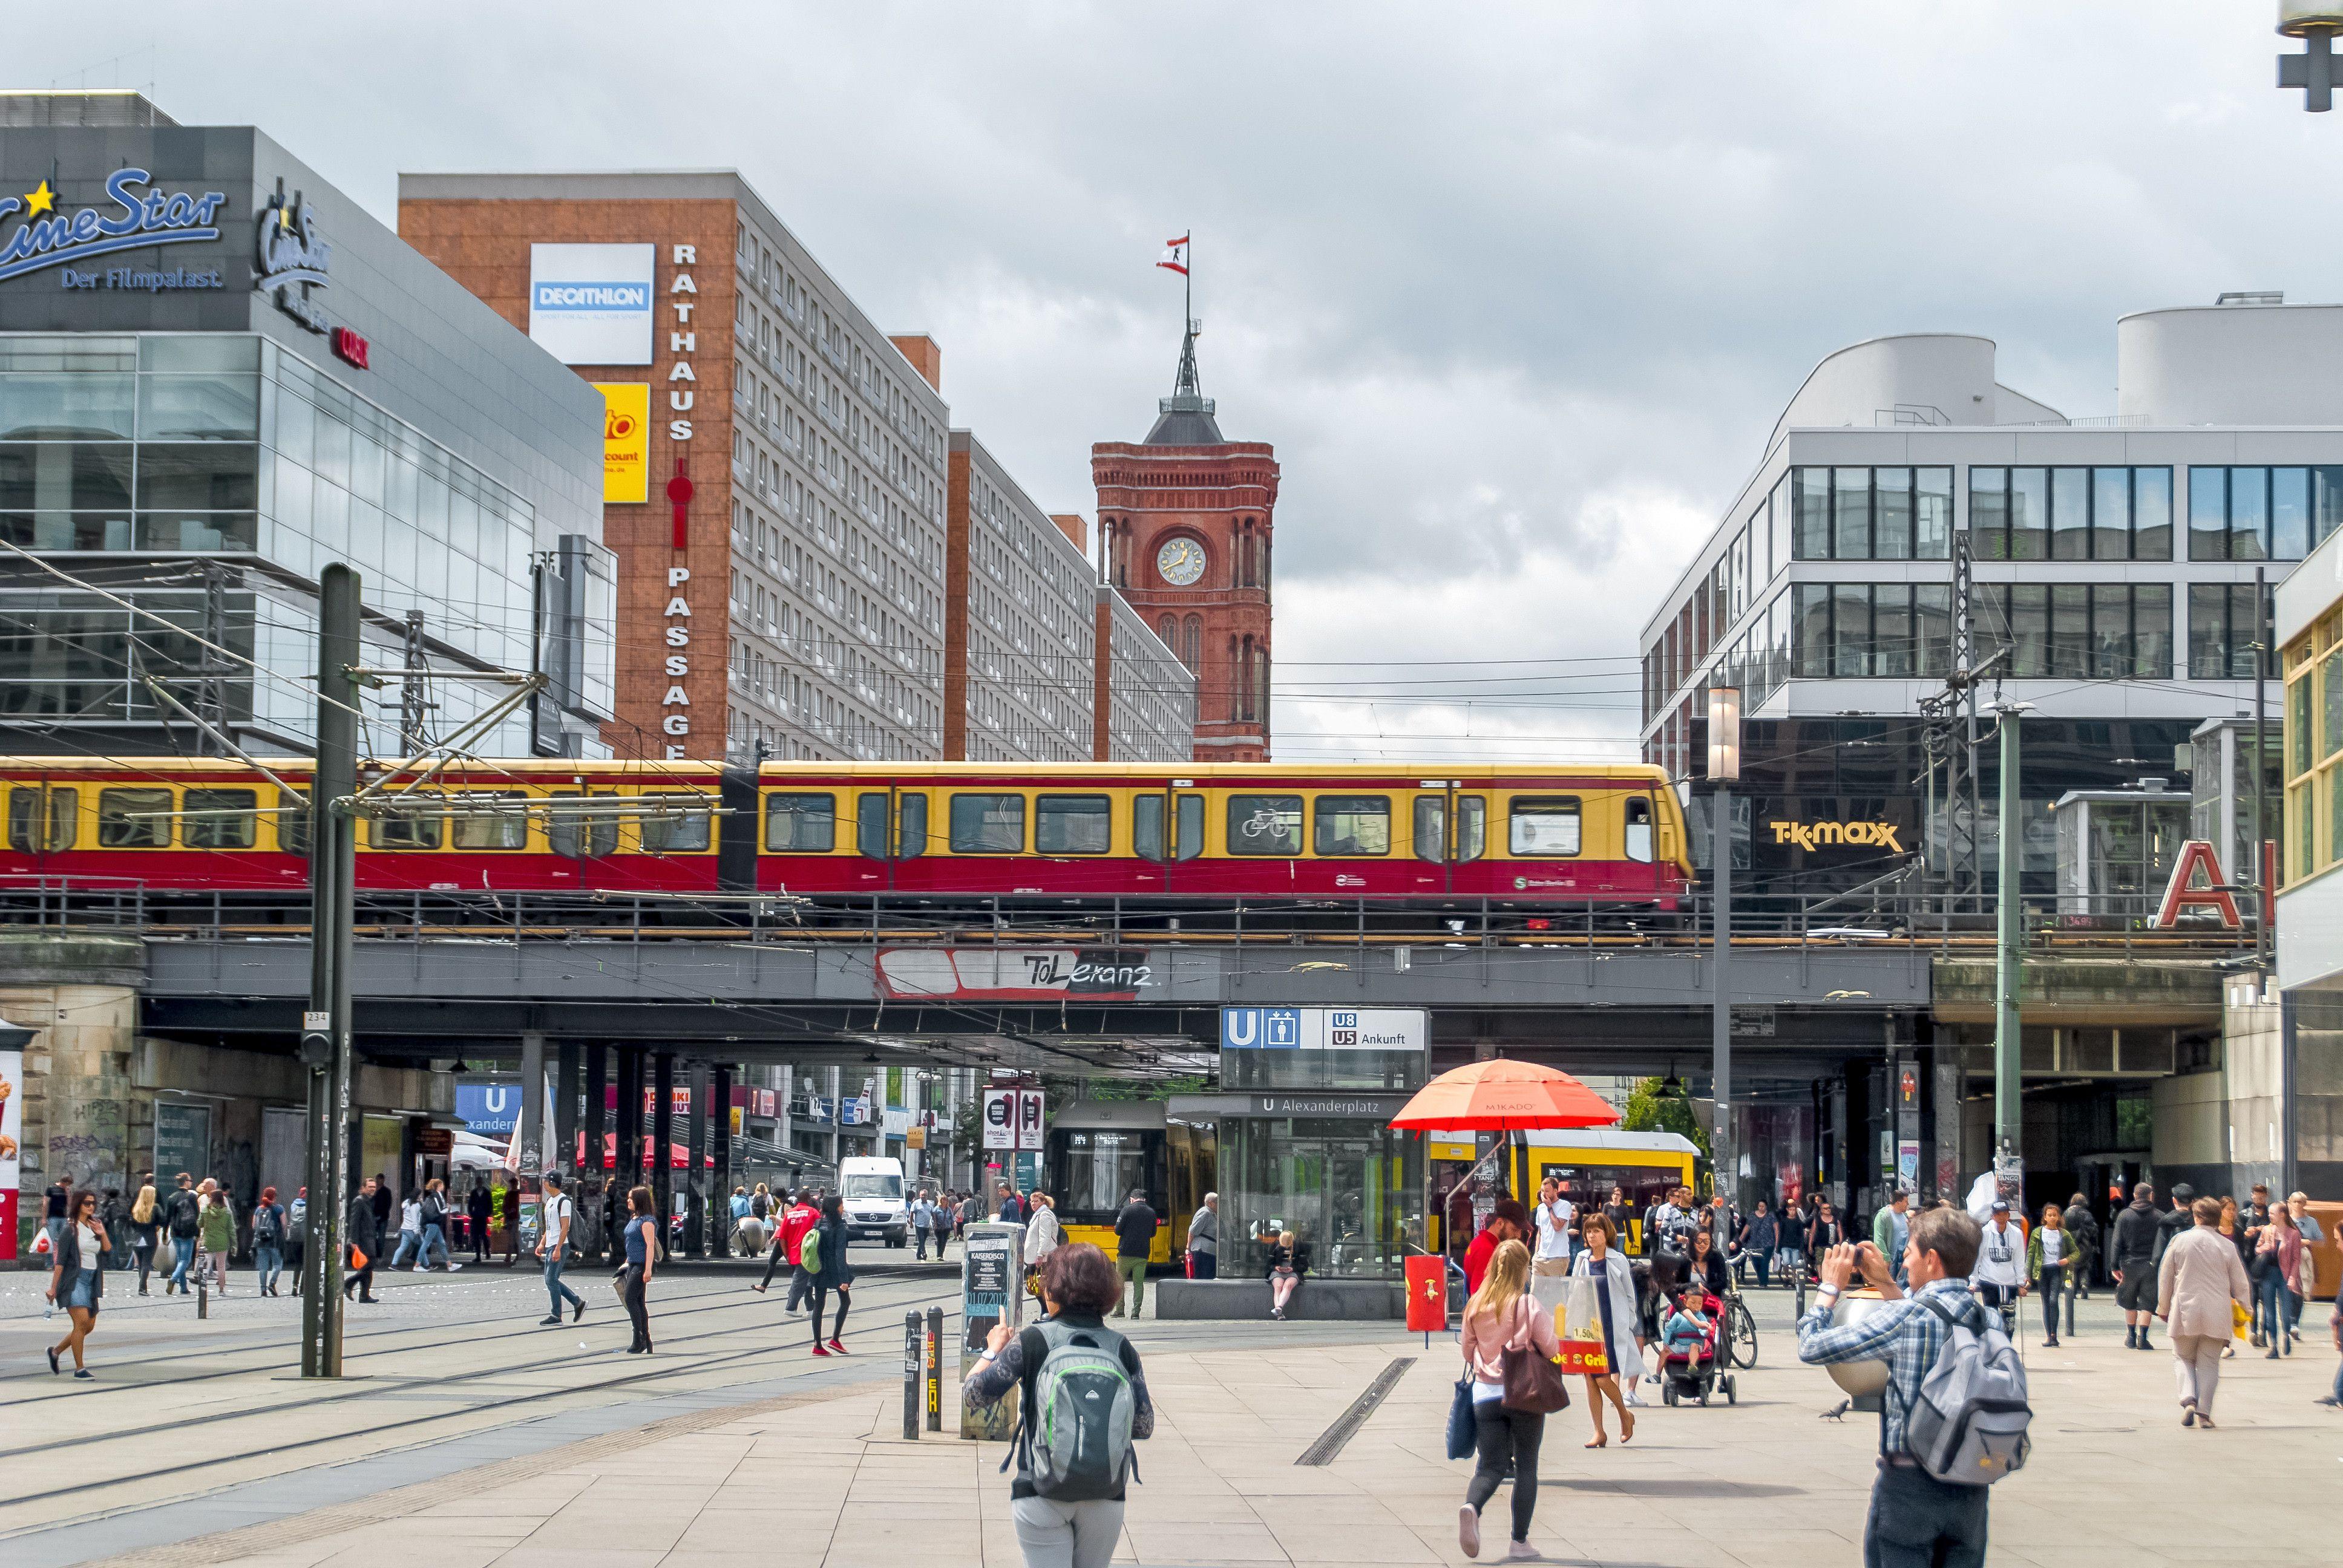 52 Alexanderplatz Bahnhof Und Rathausstrasse In 2020 Street View Scenes Street